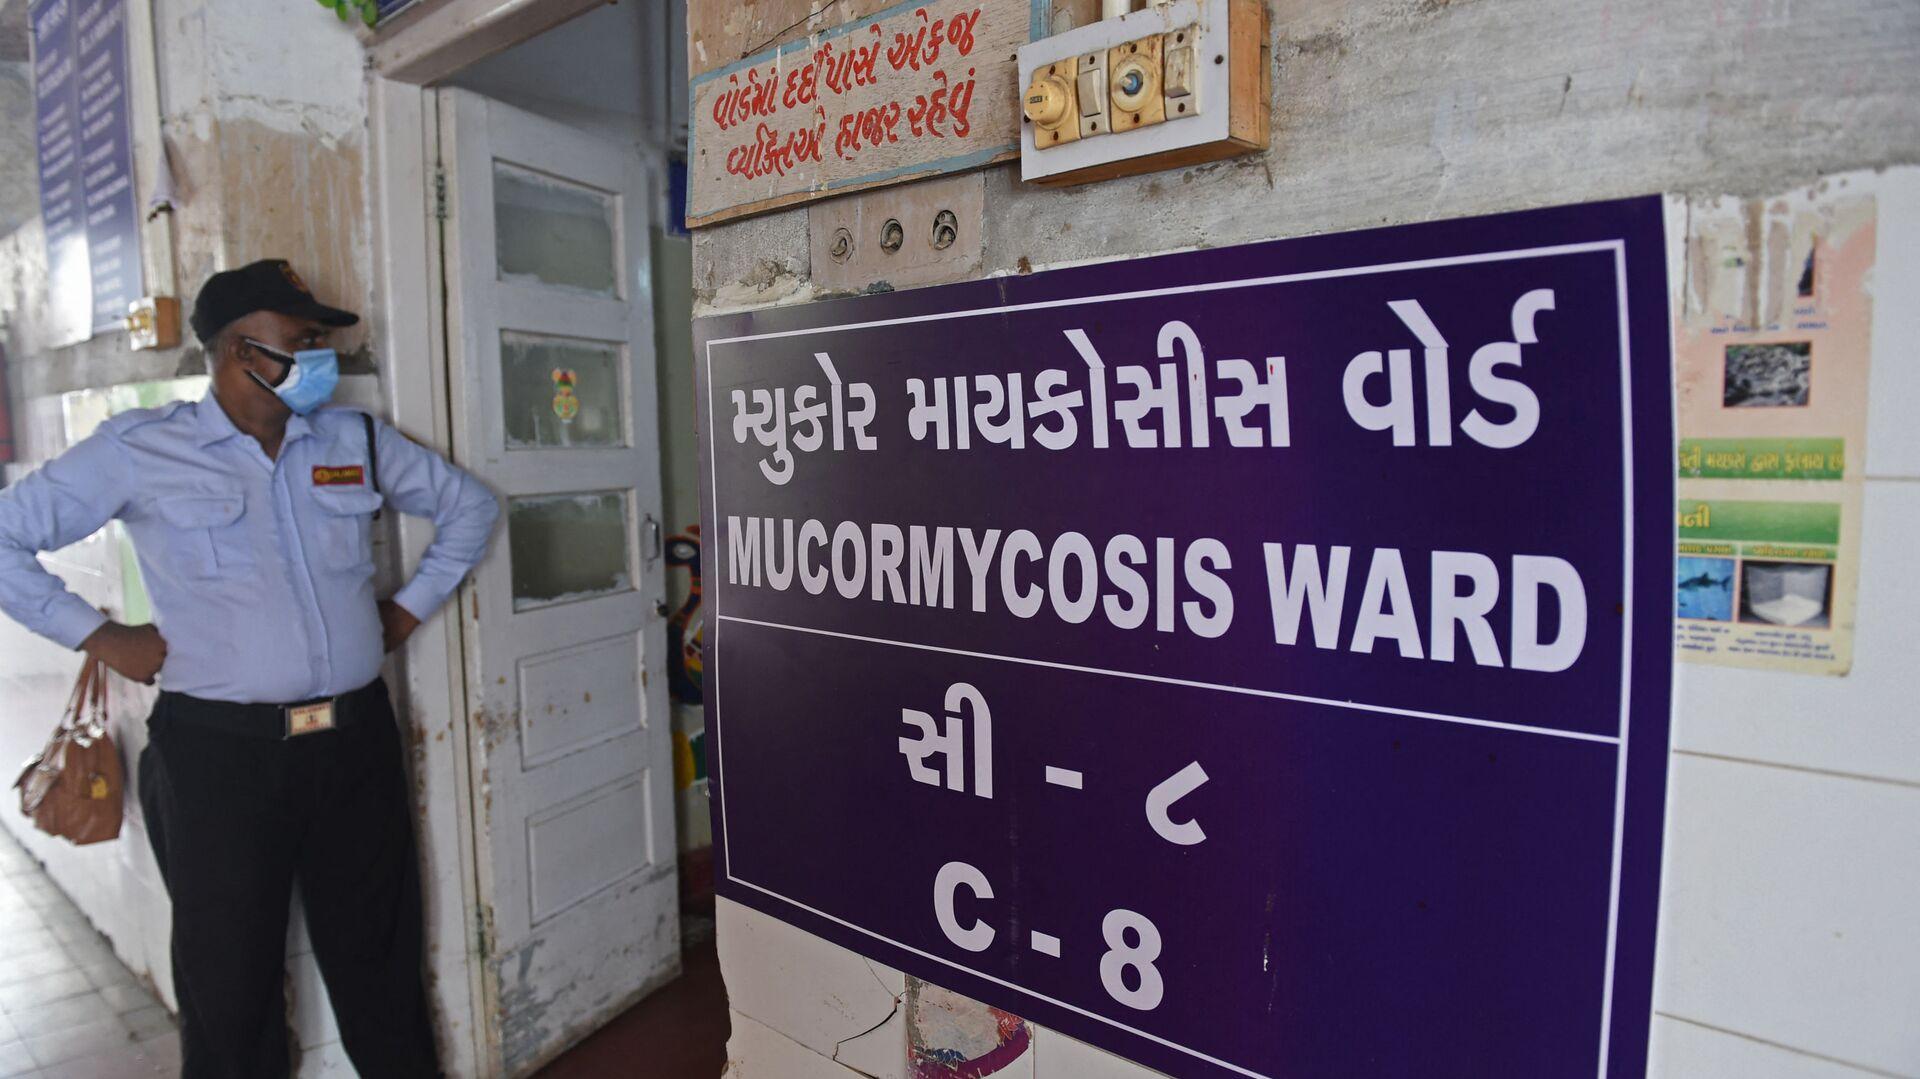 Stráž stojí u vchodu do oddělení pro lidi infikované černou plísni nebo vědecky známou jako Mucormycosis v nemocnici v Ahmedabadu, Indie - Sputnik Česká republika, 1920, 15.06.2021